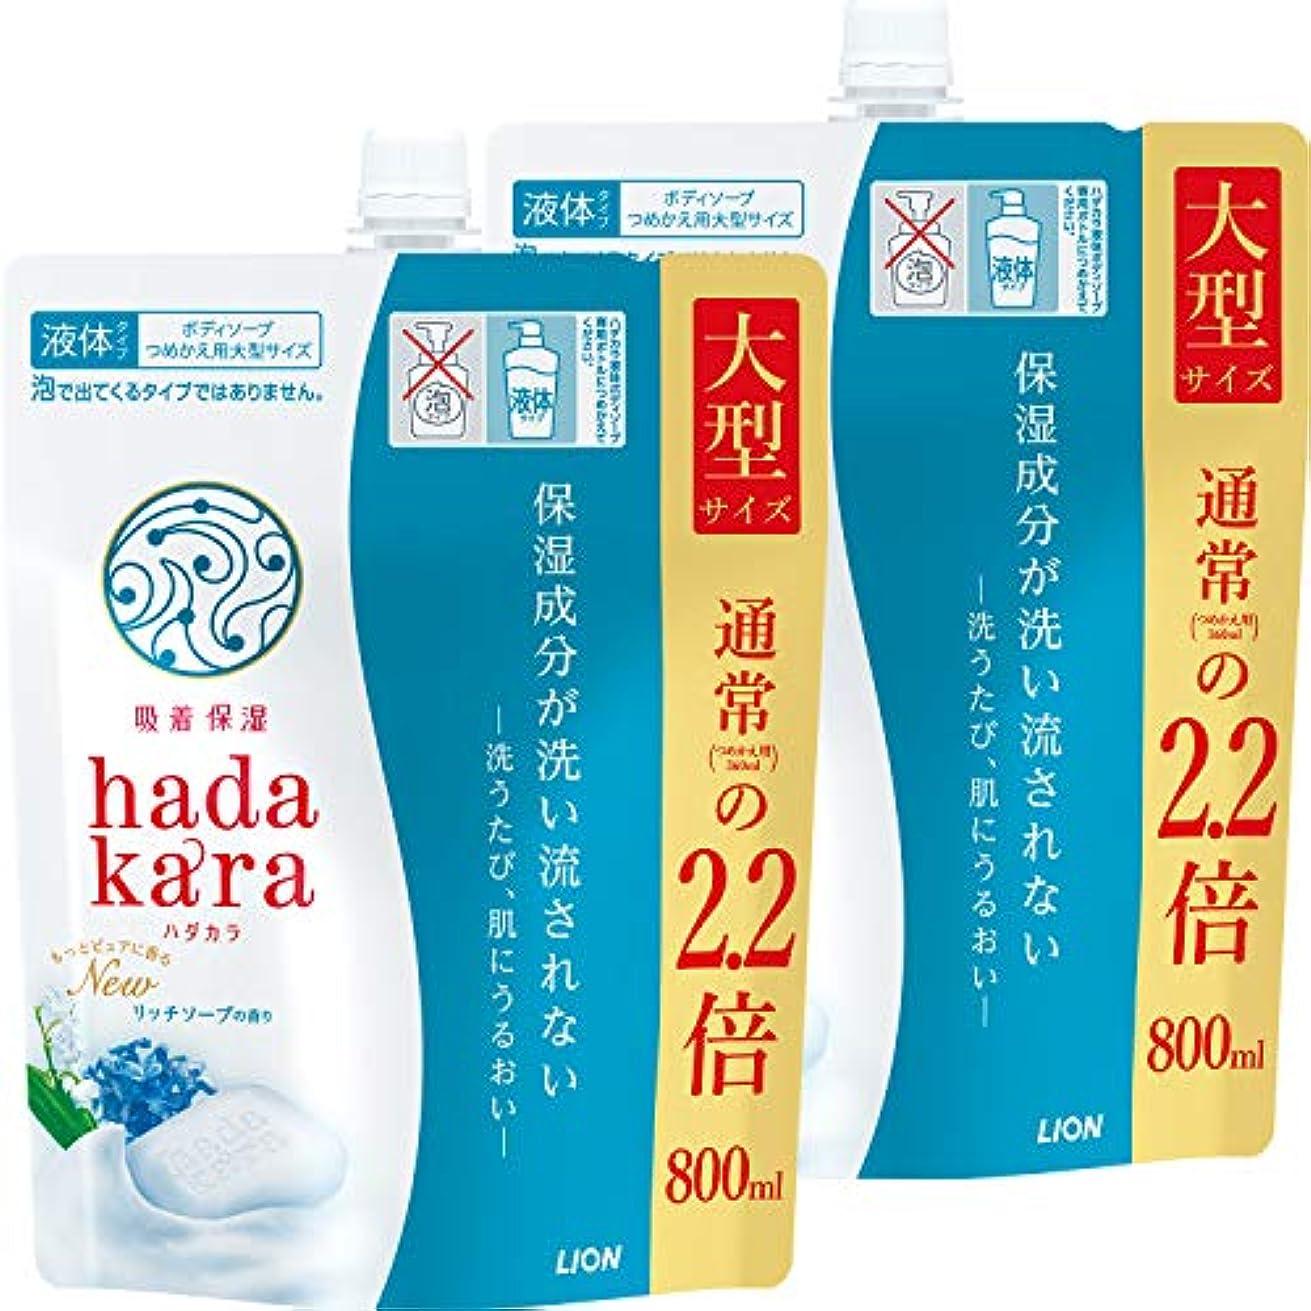 待つ食欲冷える【まとめ買い_大容量】hadakara(ハダカラ) ボディソープ リッチソープの香り つめかえ用大型サイズ 800ml×2個